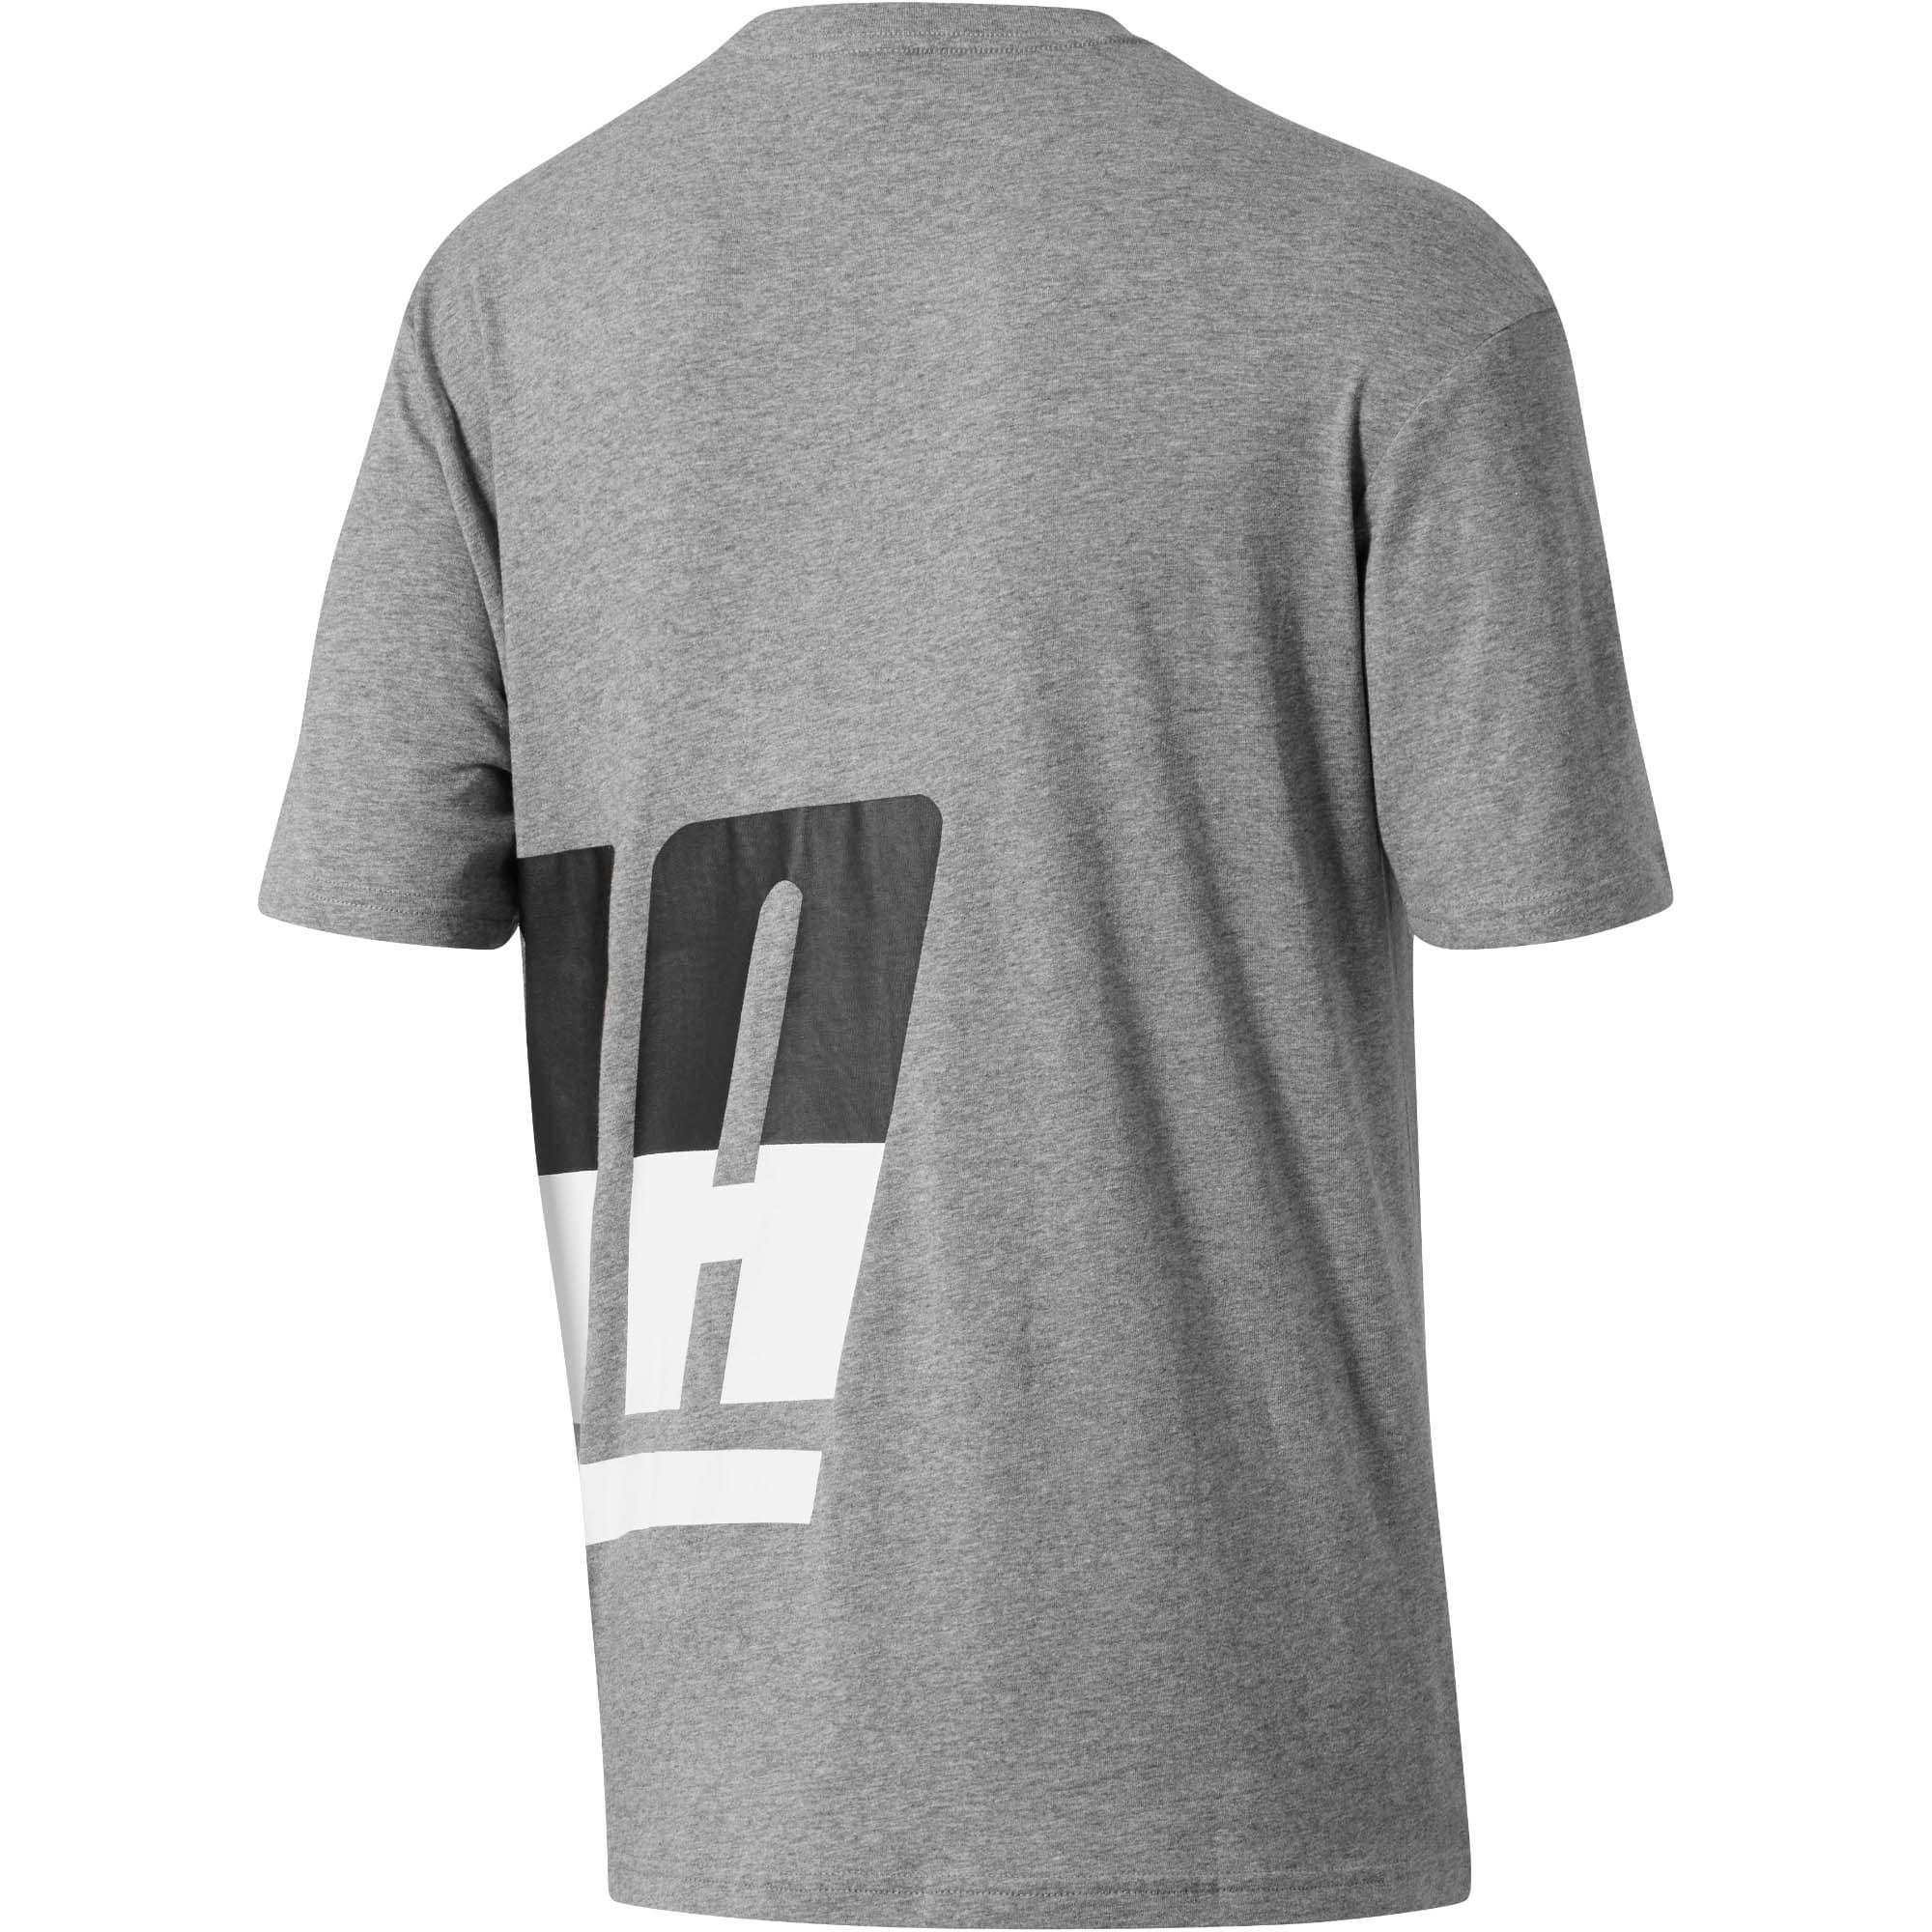 Thumbnail 3 of Men's Loud T-Shirt, Medium Gray Heather, medium